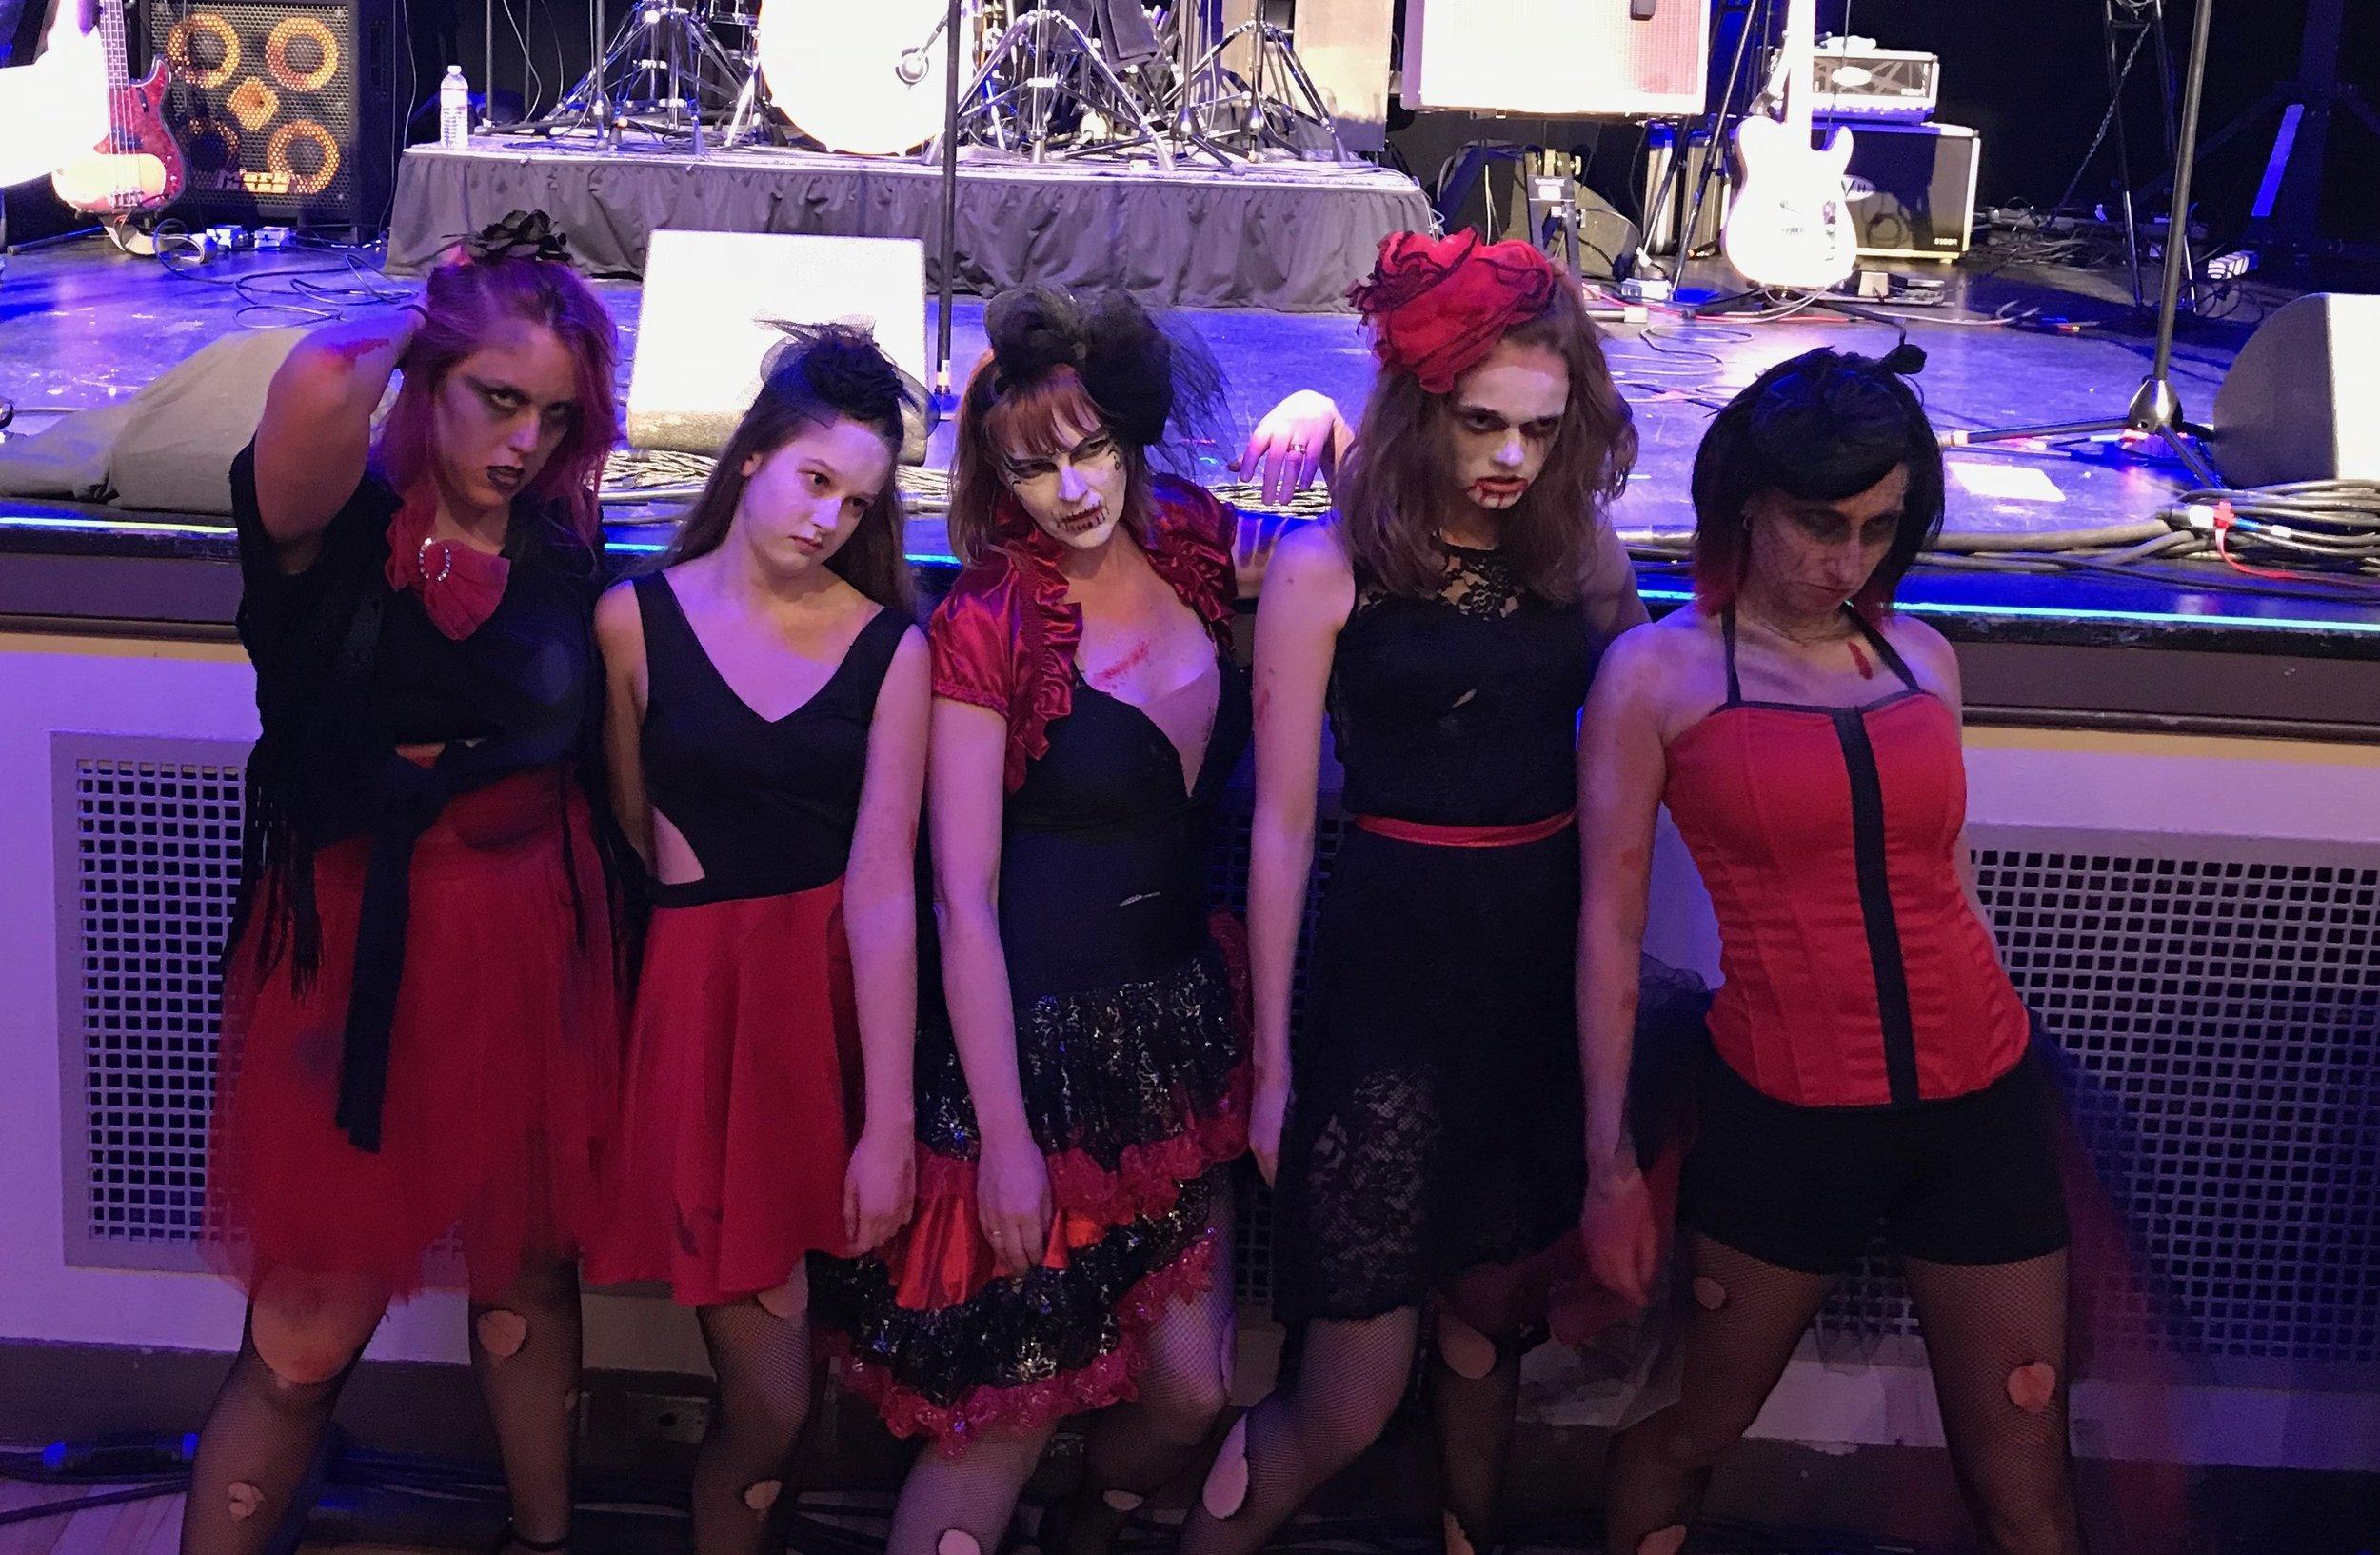 The Thriller Dancers at Monster Bash